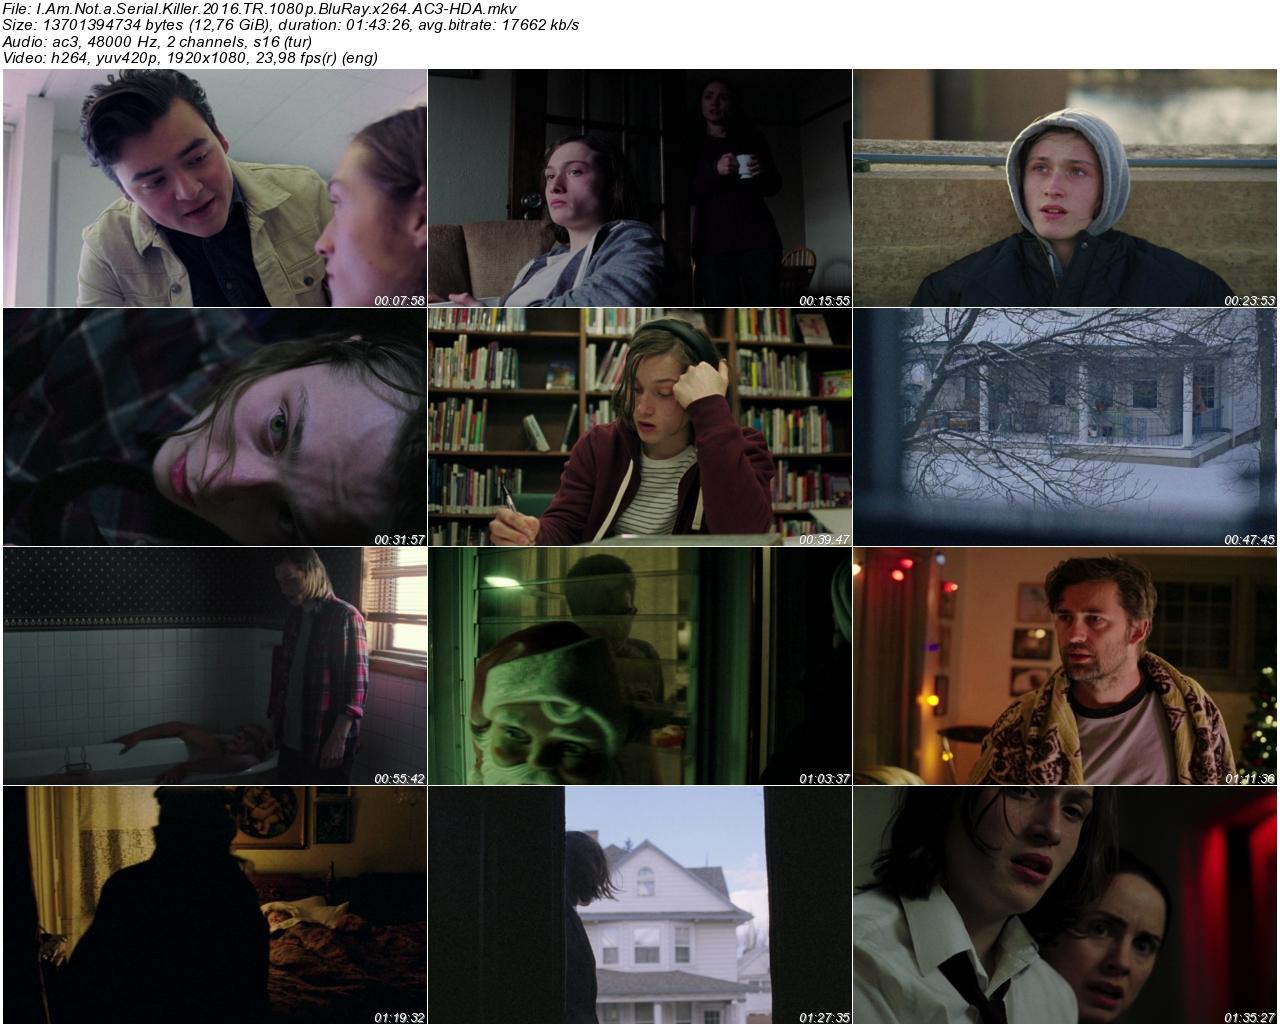 Ben Katil Değilim 2016 - 1080p 720p 480p - Türkçe Dublaj Tek Link indir